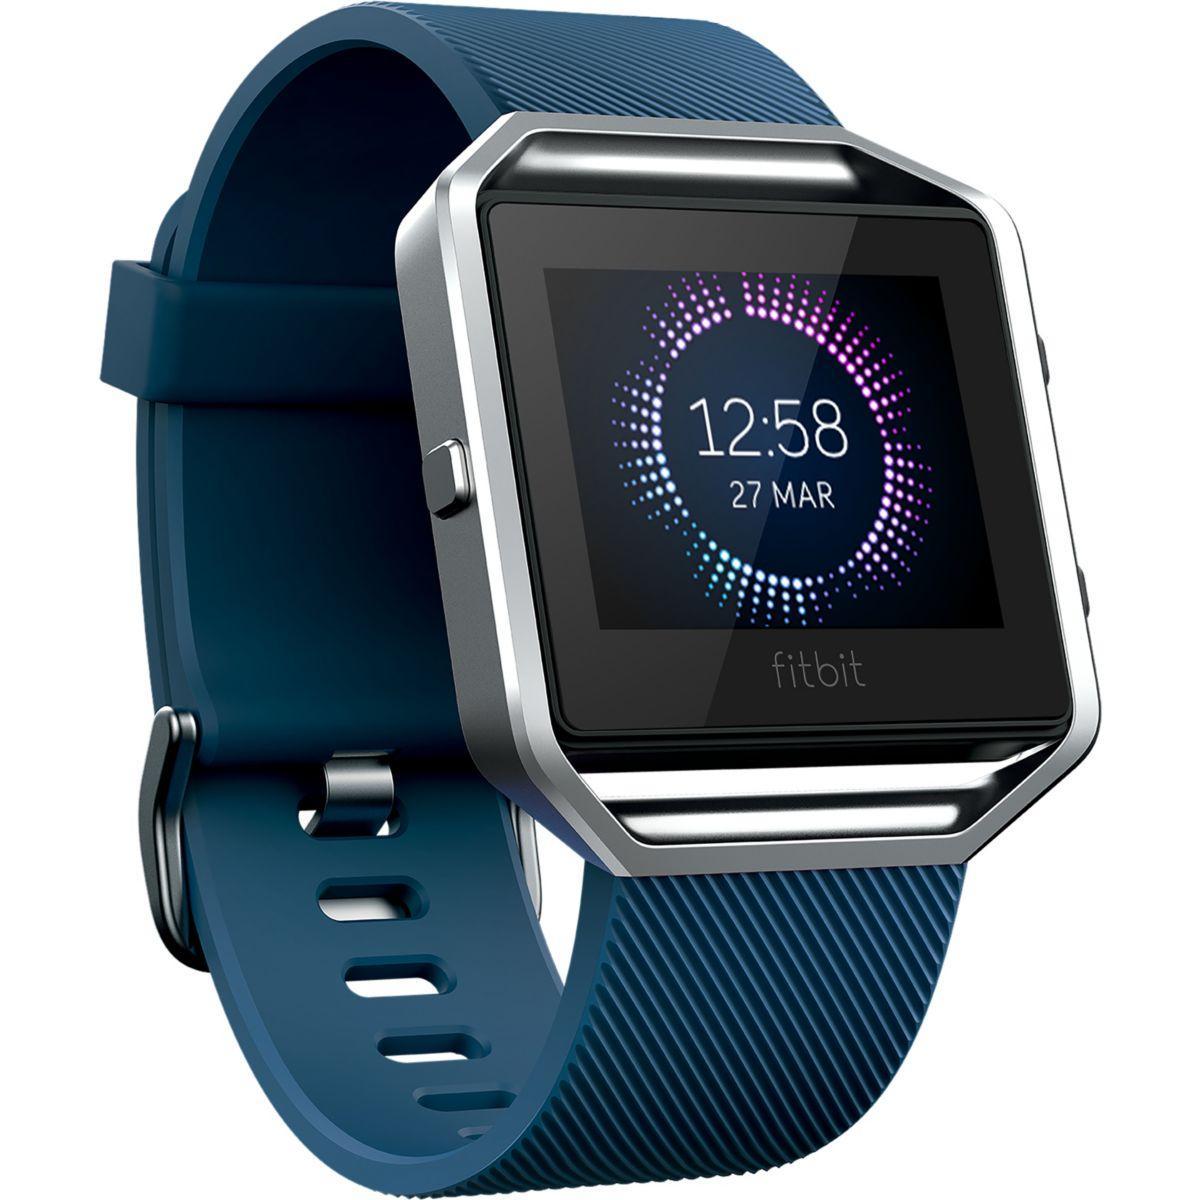 Accessoire fitbit bra.clas blaze blue l - 10% de remise immédiate avec le code : cool10 (photo)